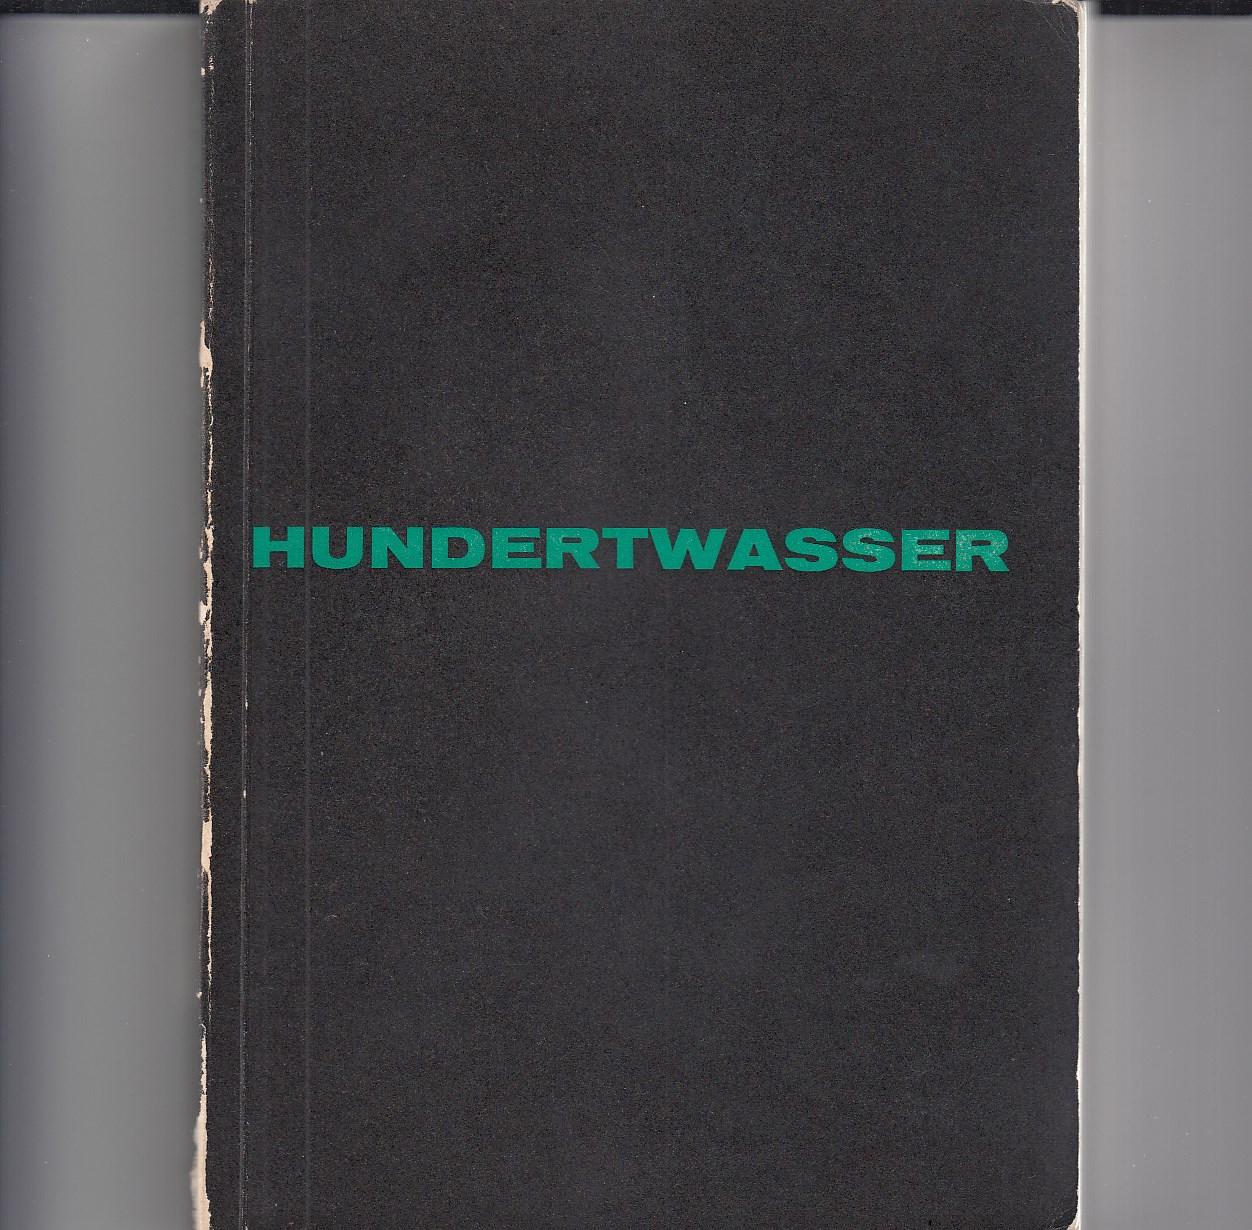 Vollständiger Oeuvre-Katalog mit 100 farbigen Reproduktionen. Publiziert aus Anlaß der 100. Ausstellung der Kestner-Gesellschaft seit ihrer Wiedereröffnung nach dem Kriege.